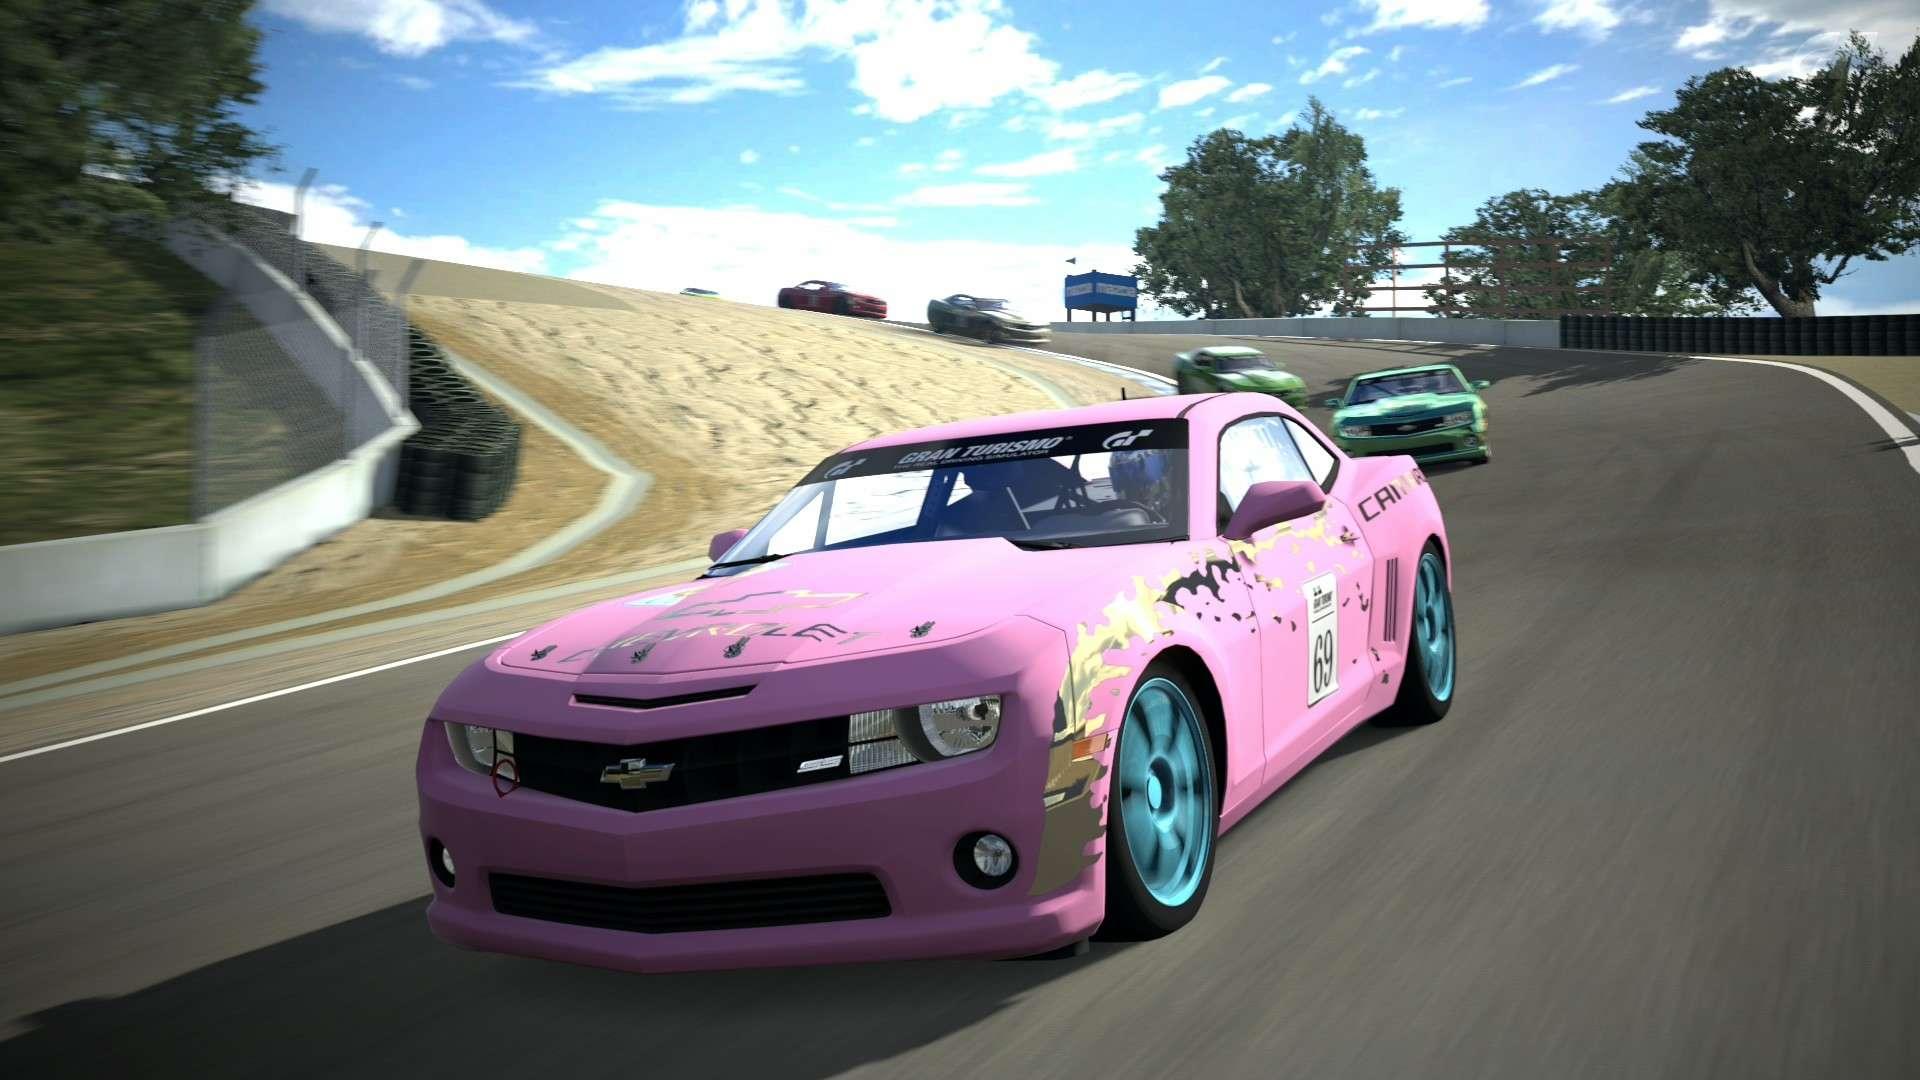 Termina la Copa Chevrolet Camaro en el Campeonato de Despedida de GT5 Laguna10